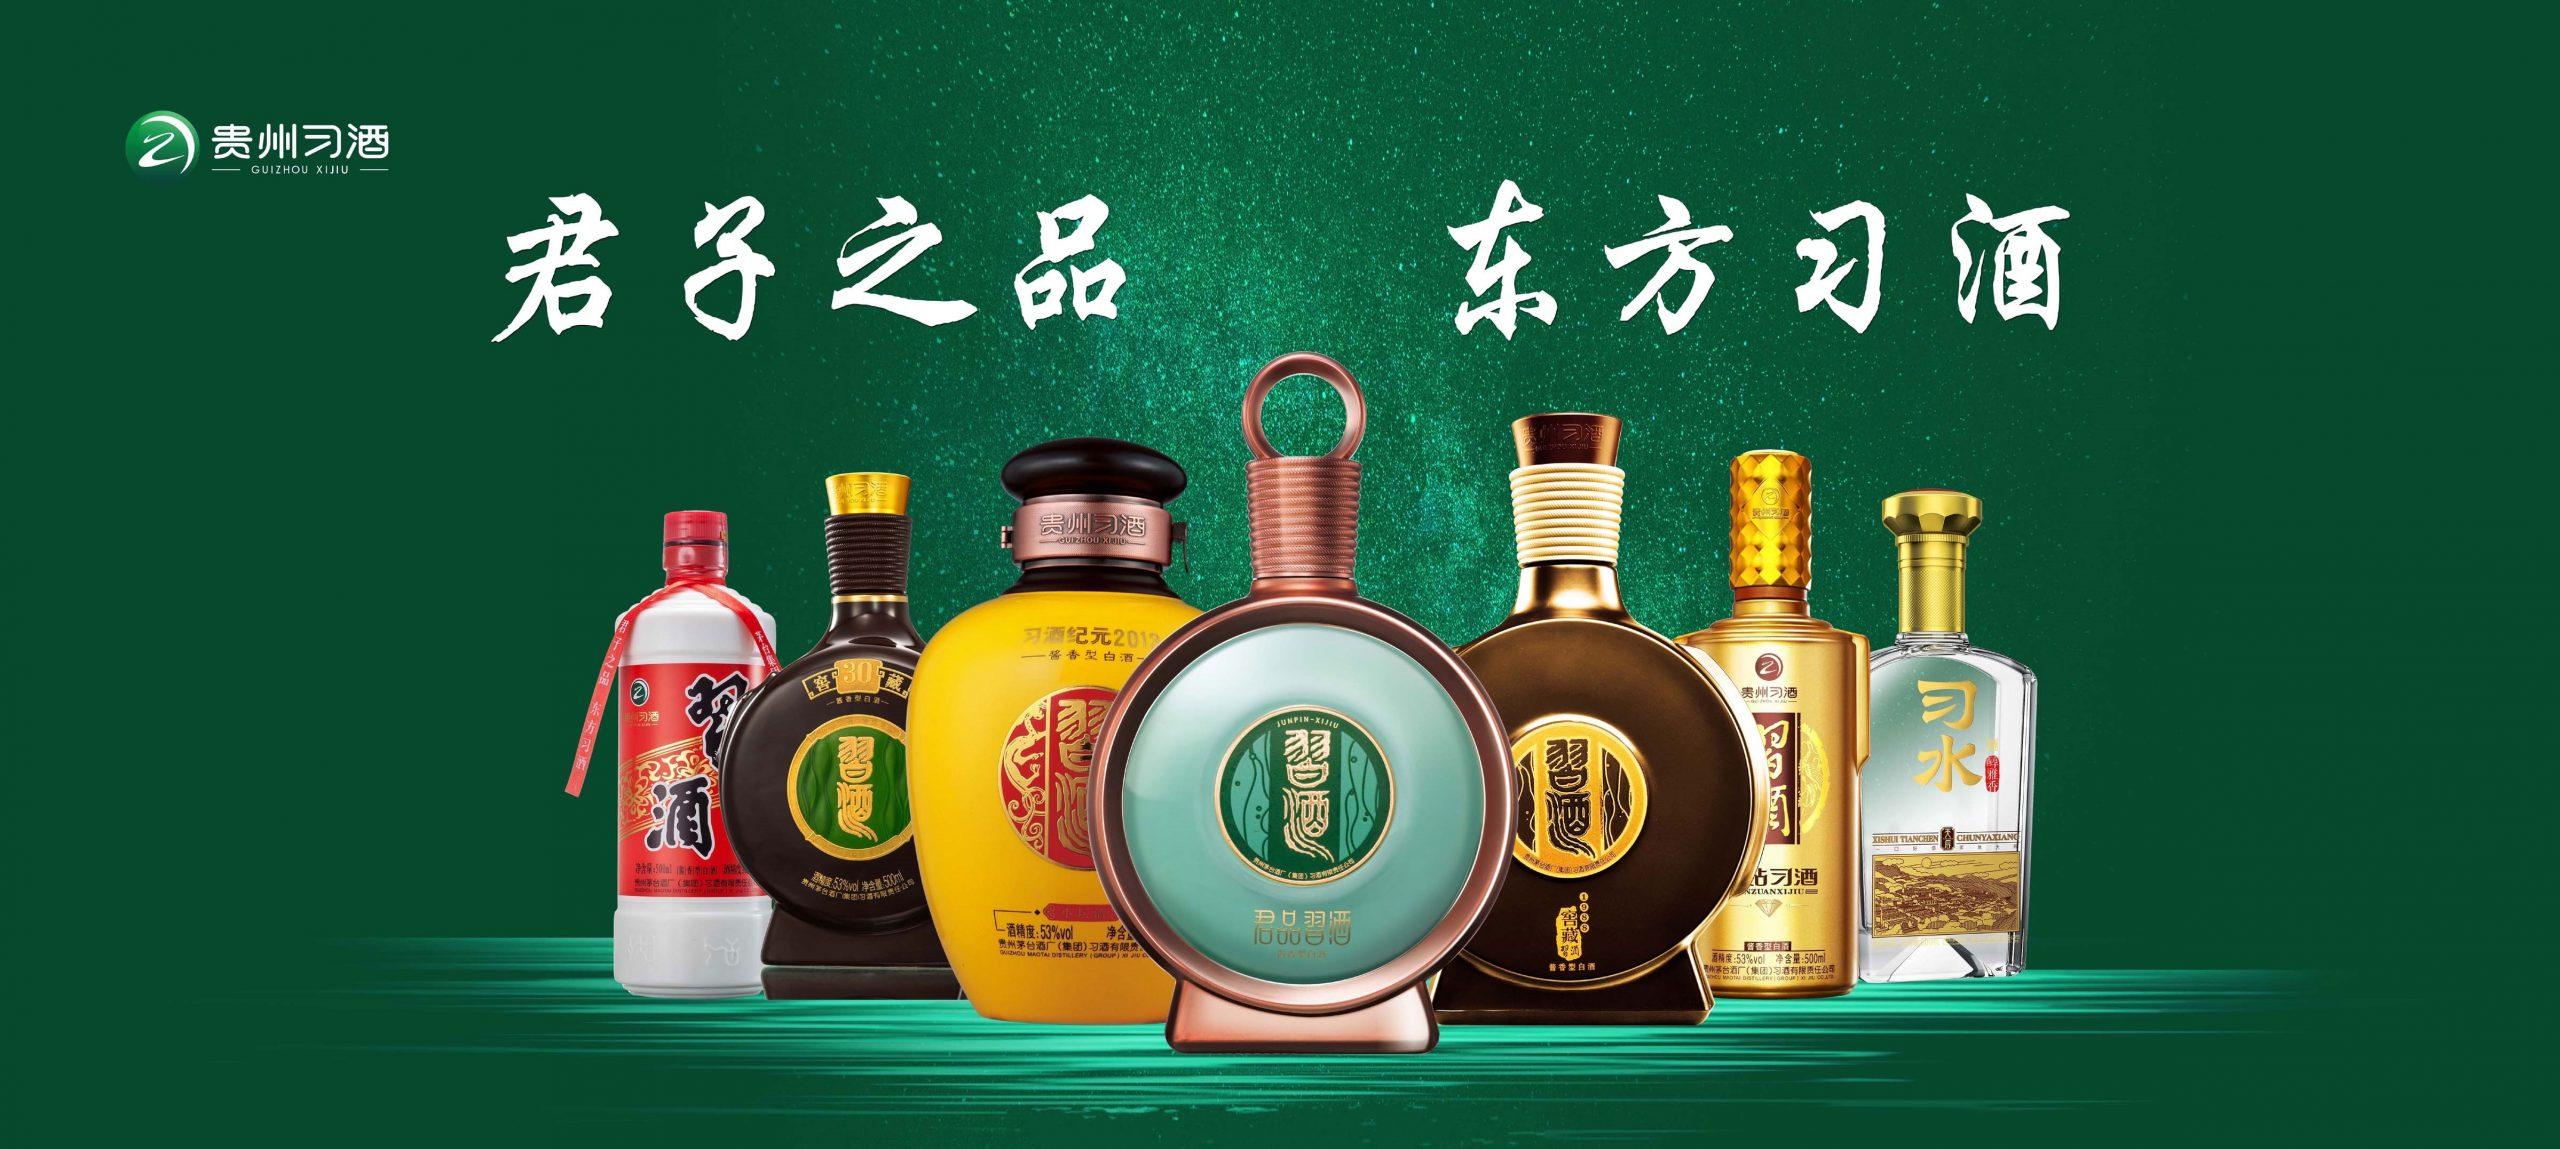 """""""君子之品 东方习酒""""——贵州习酒如何成为酒类TOP品牌?"""